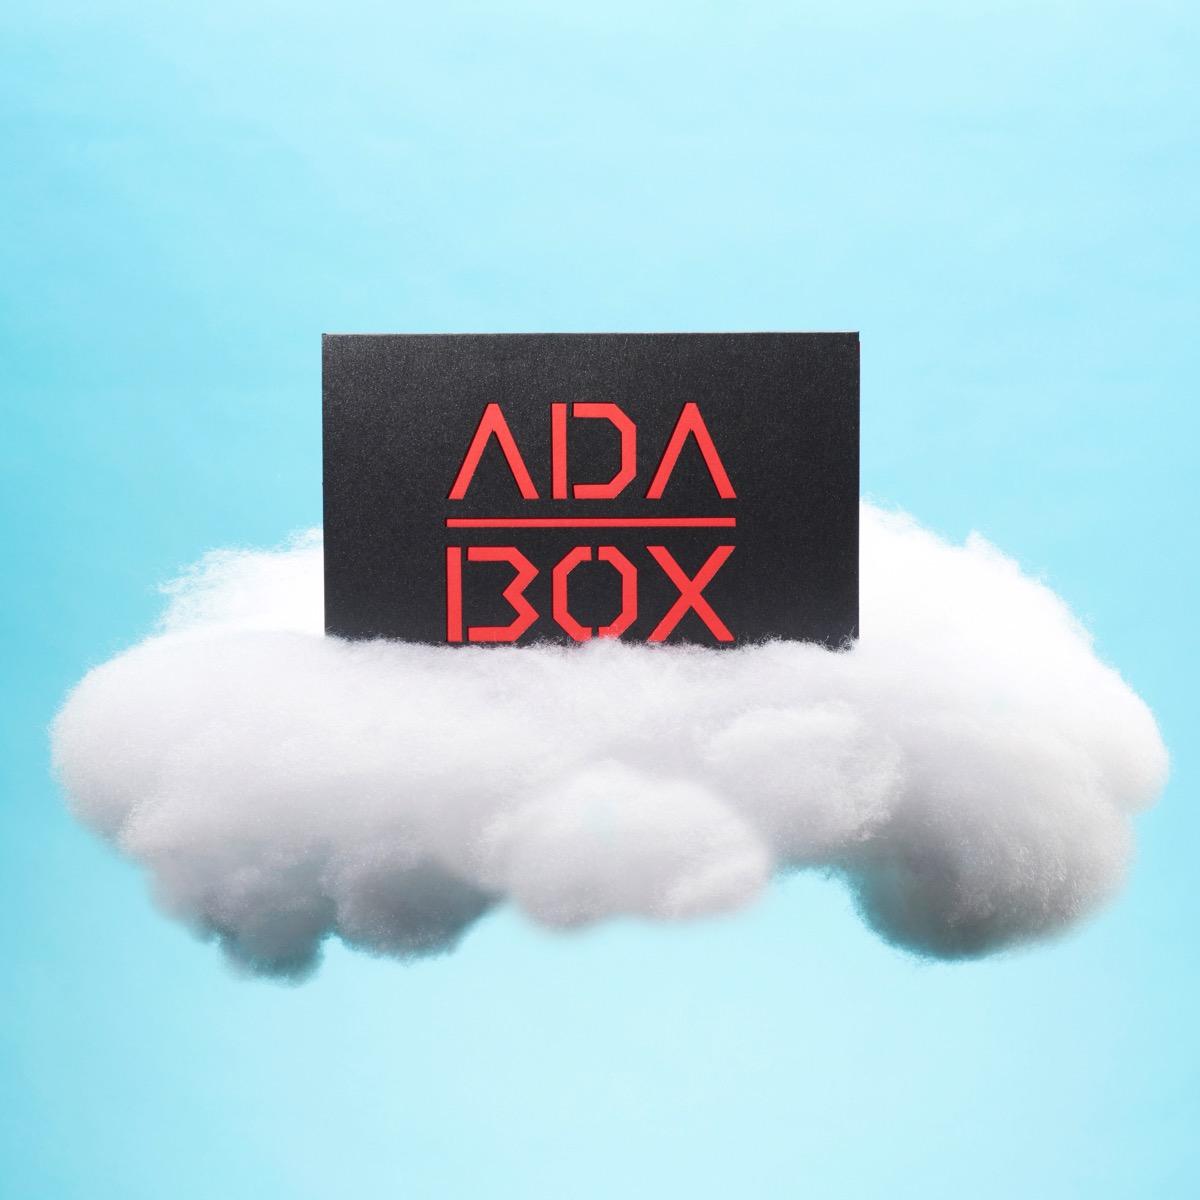 Adabox 03 Cloud Instagram 01 ORIG